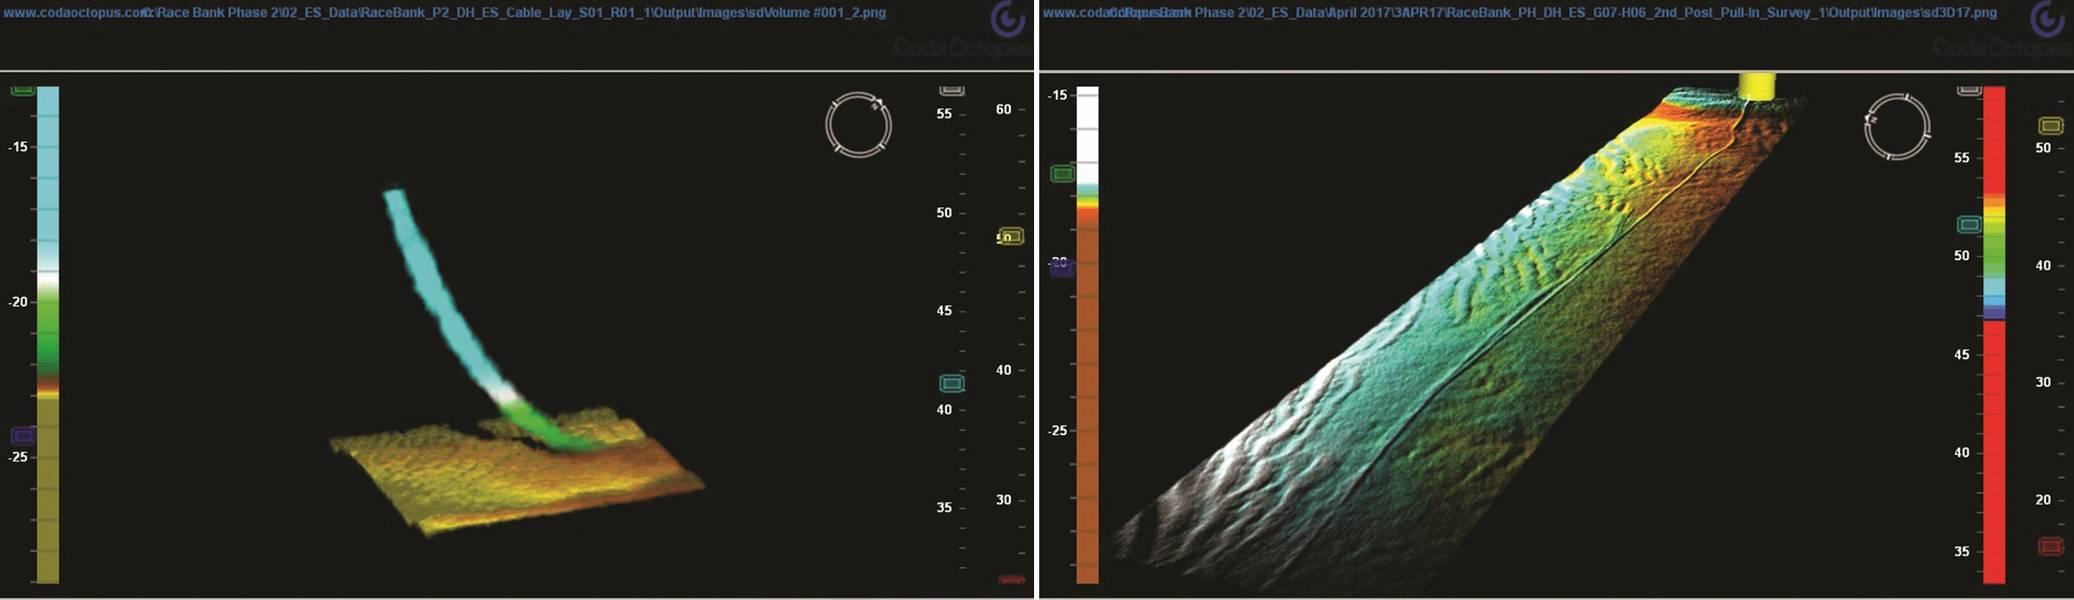 図8  - 電源ケーブルのカテナリーとTDモニタリング/ケーブル調査(画像:Coda Octopus)